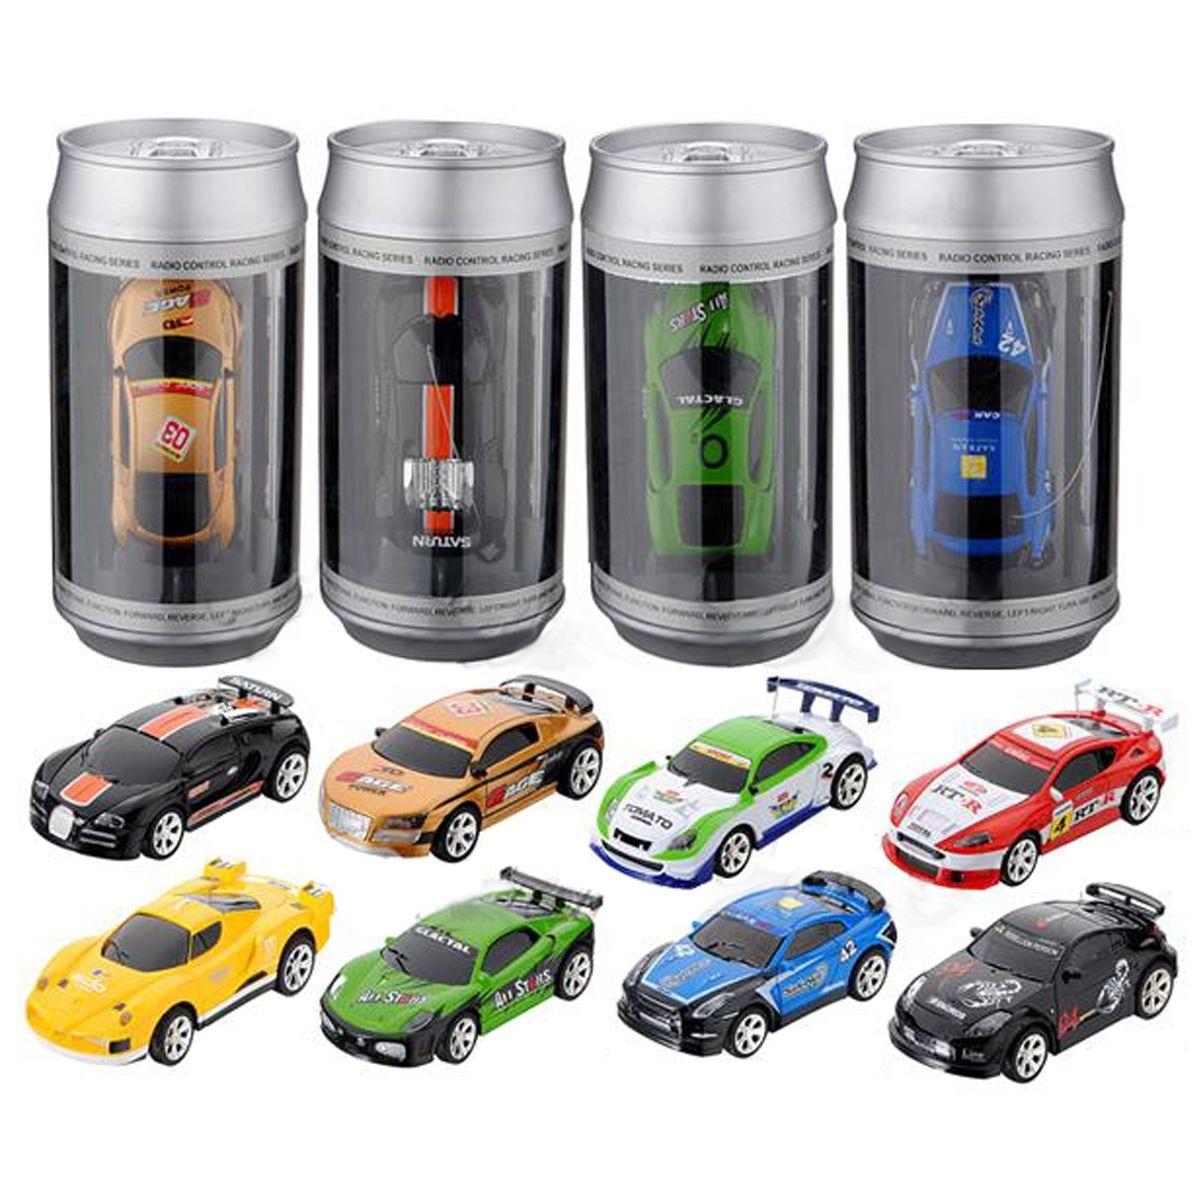 8 farben Heiße Verkäufe 20 km/std Koks Kann Mini RC Auto Radio Fernbedienung Micro Racing Auto 4 Frequenzen Spielzeug für Kinder